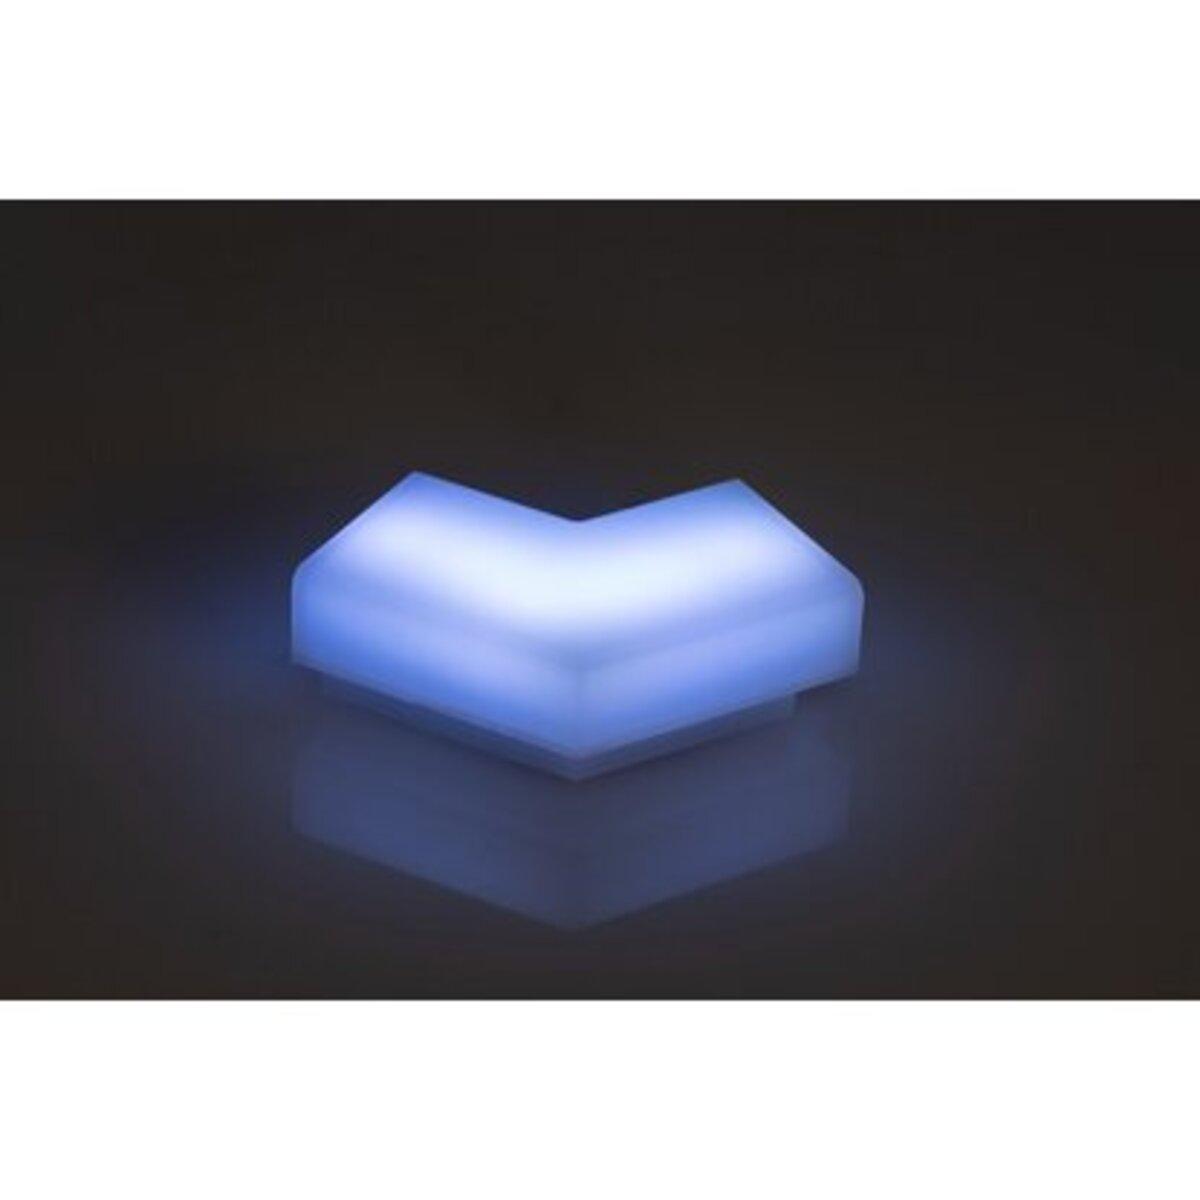 Bild 3 von Trio LED-Lichtsystem Lines V-Verbinder 2 W, 75 lm